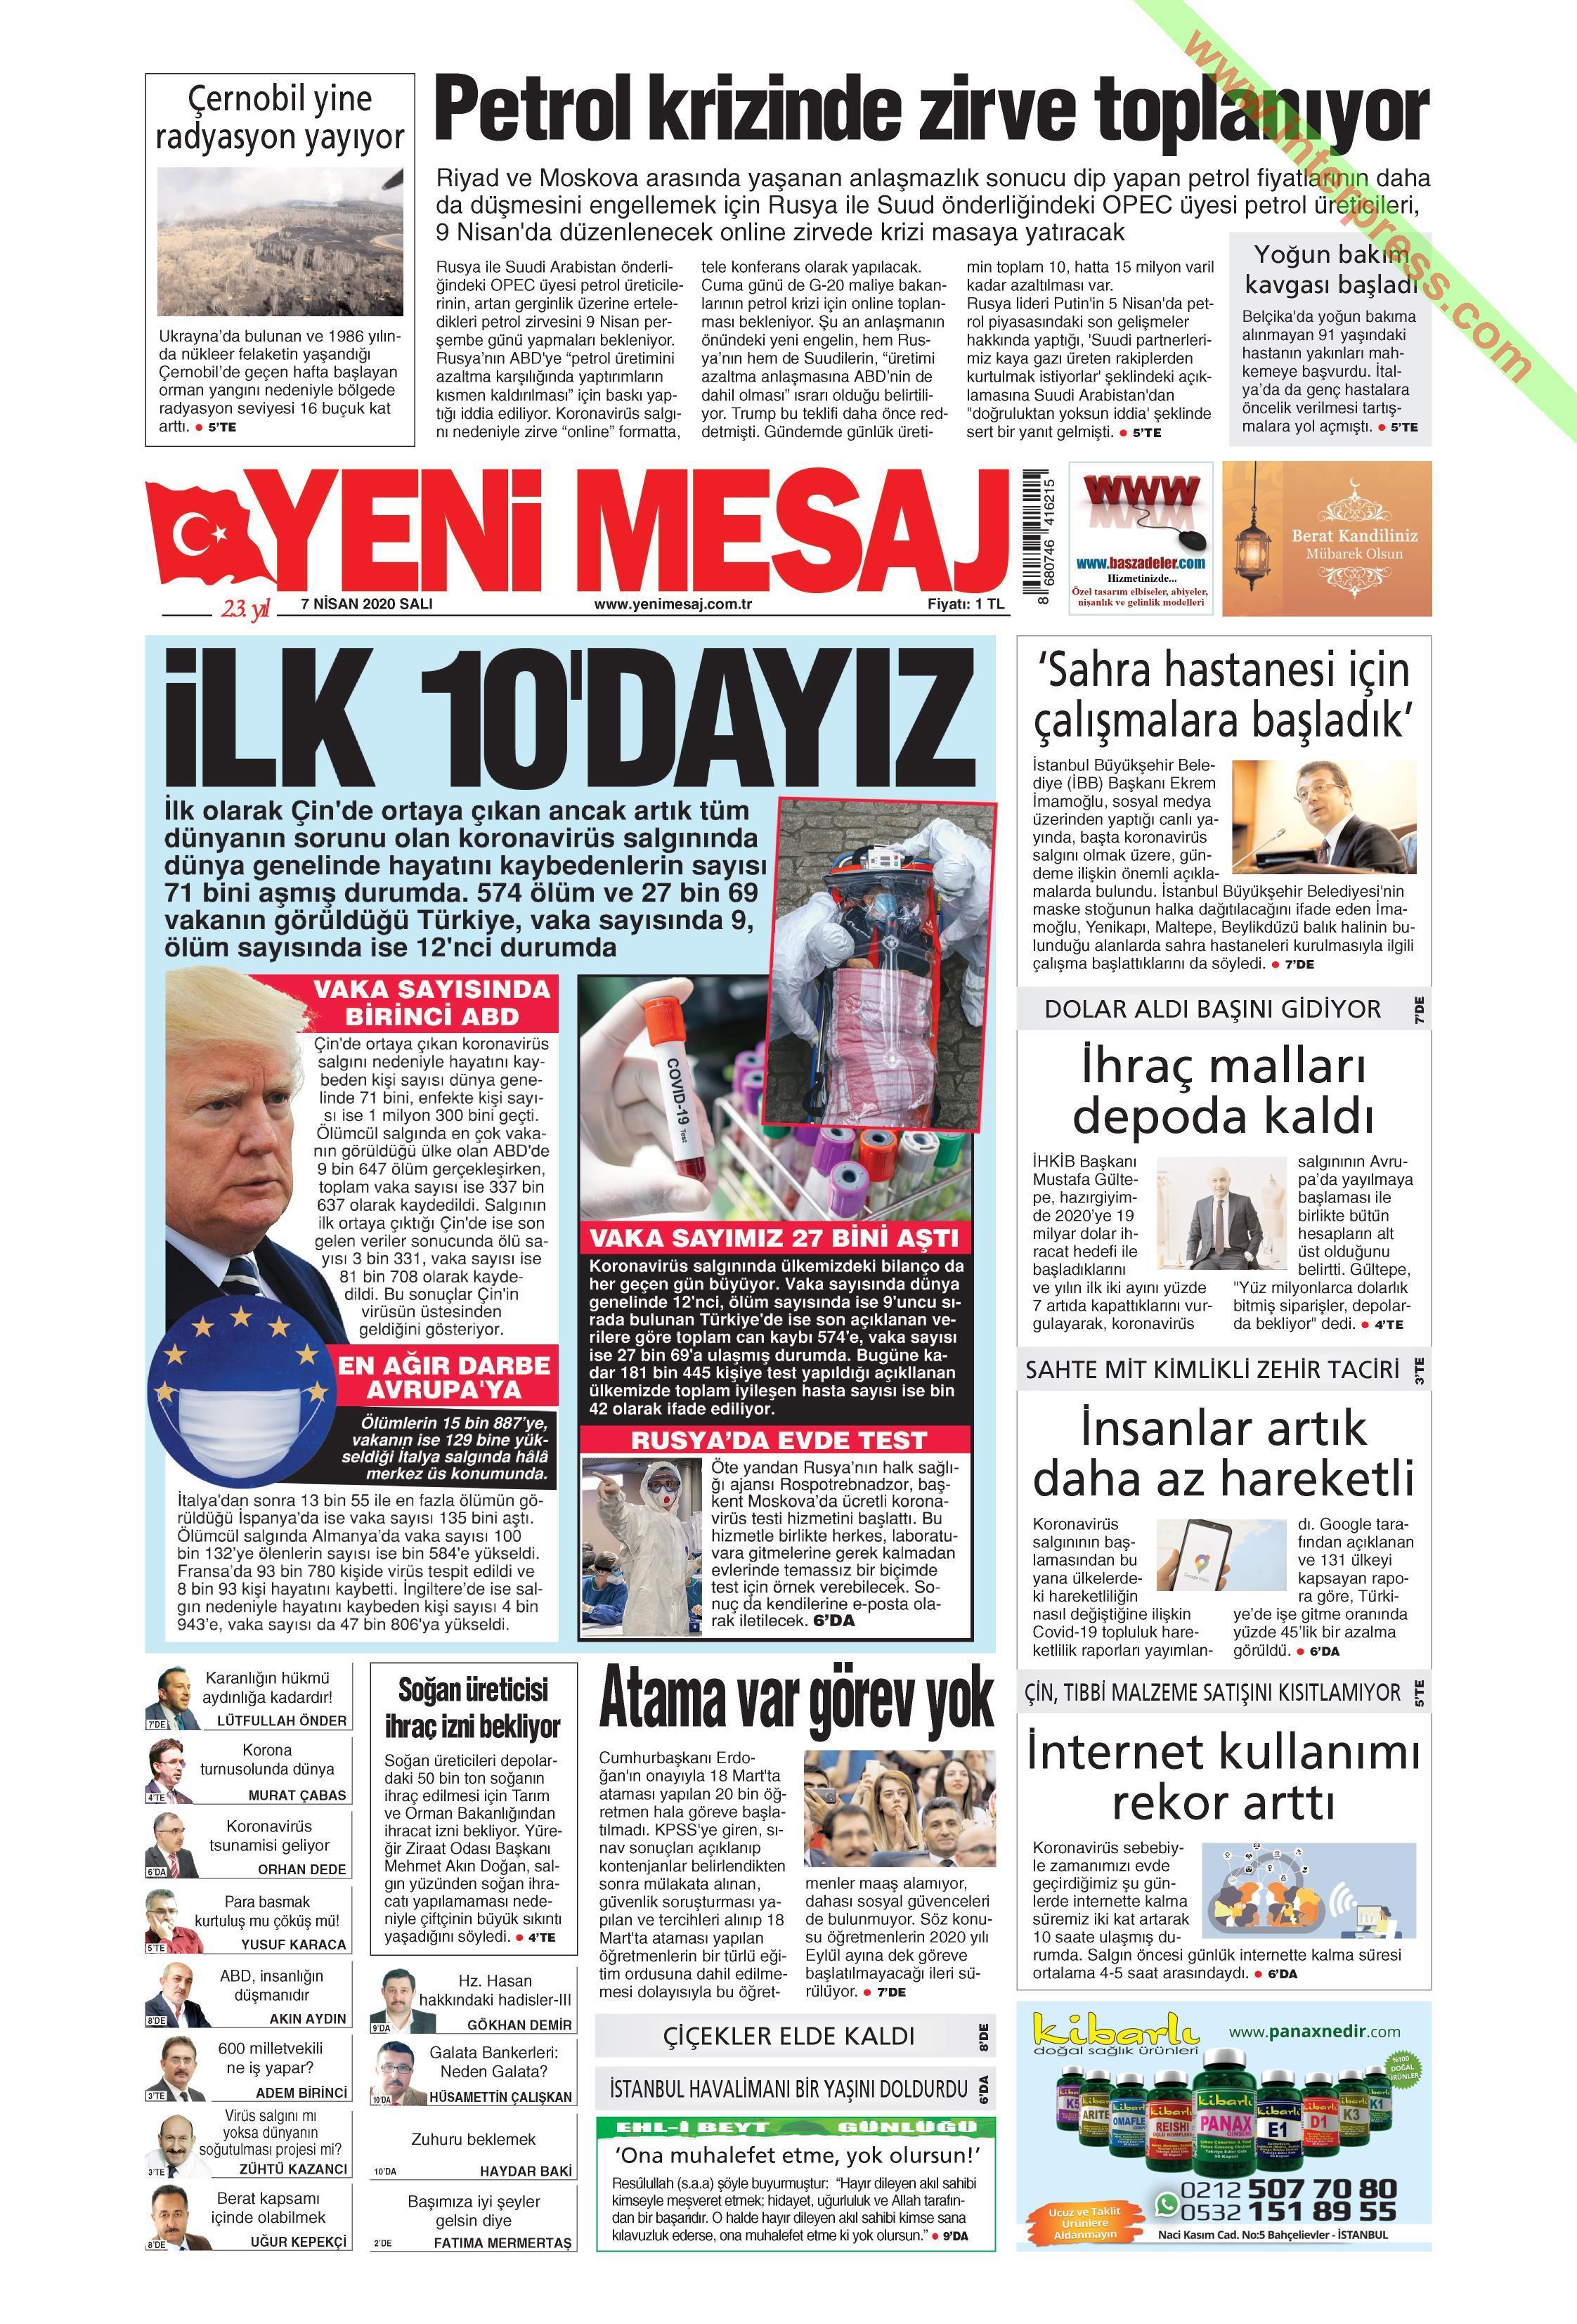 Yeni Mesaj gazetesi manşet ilk sayfa oku